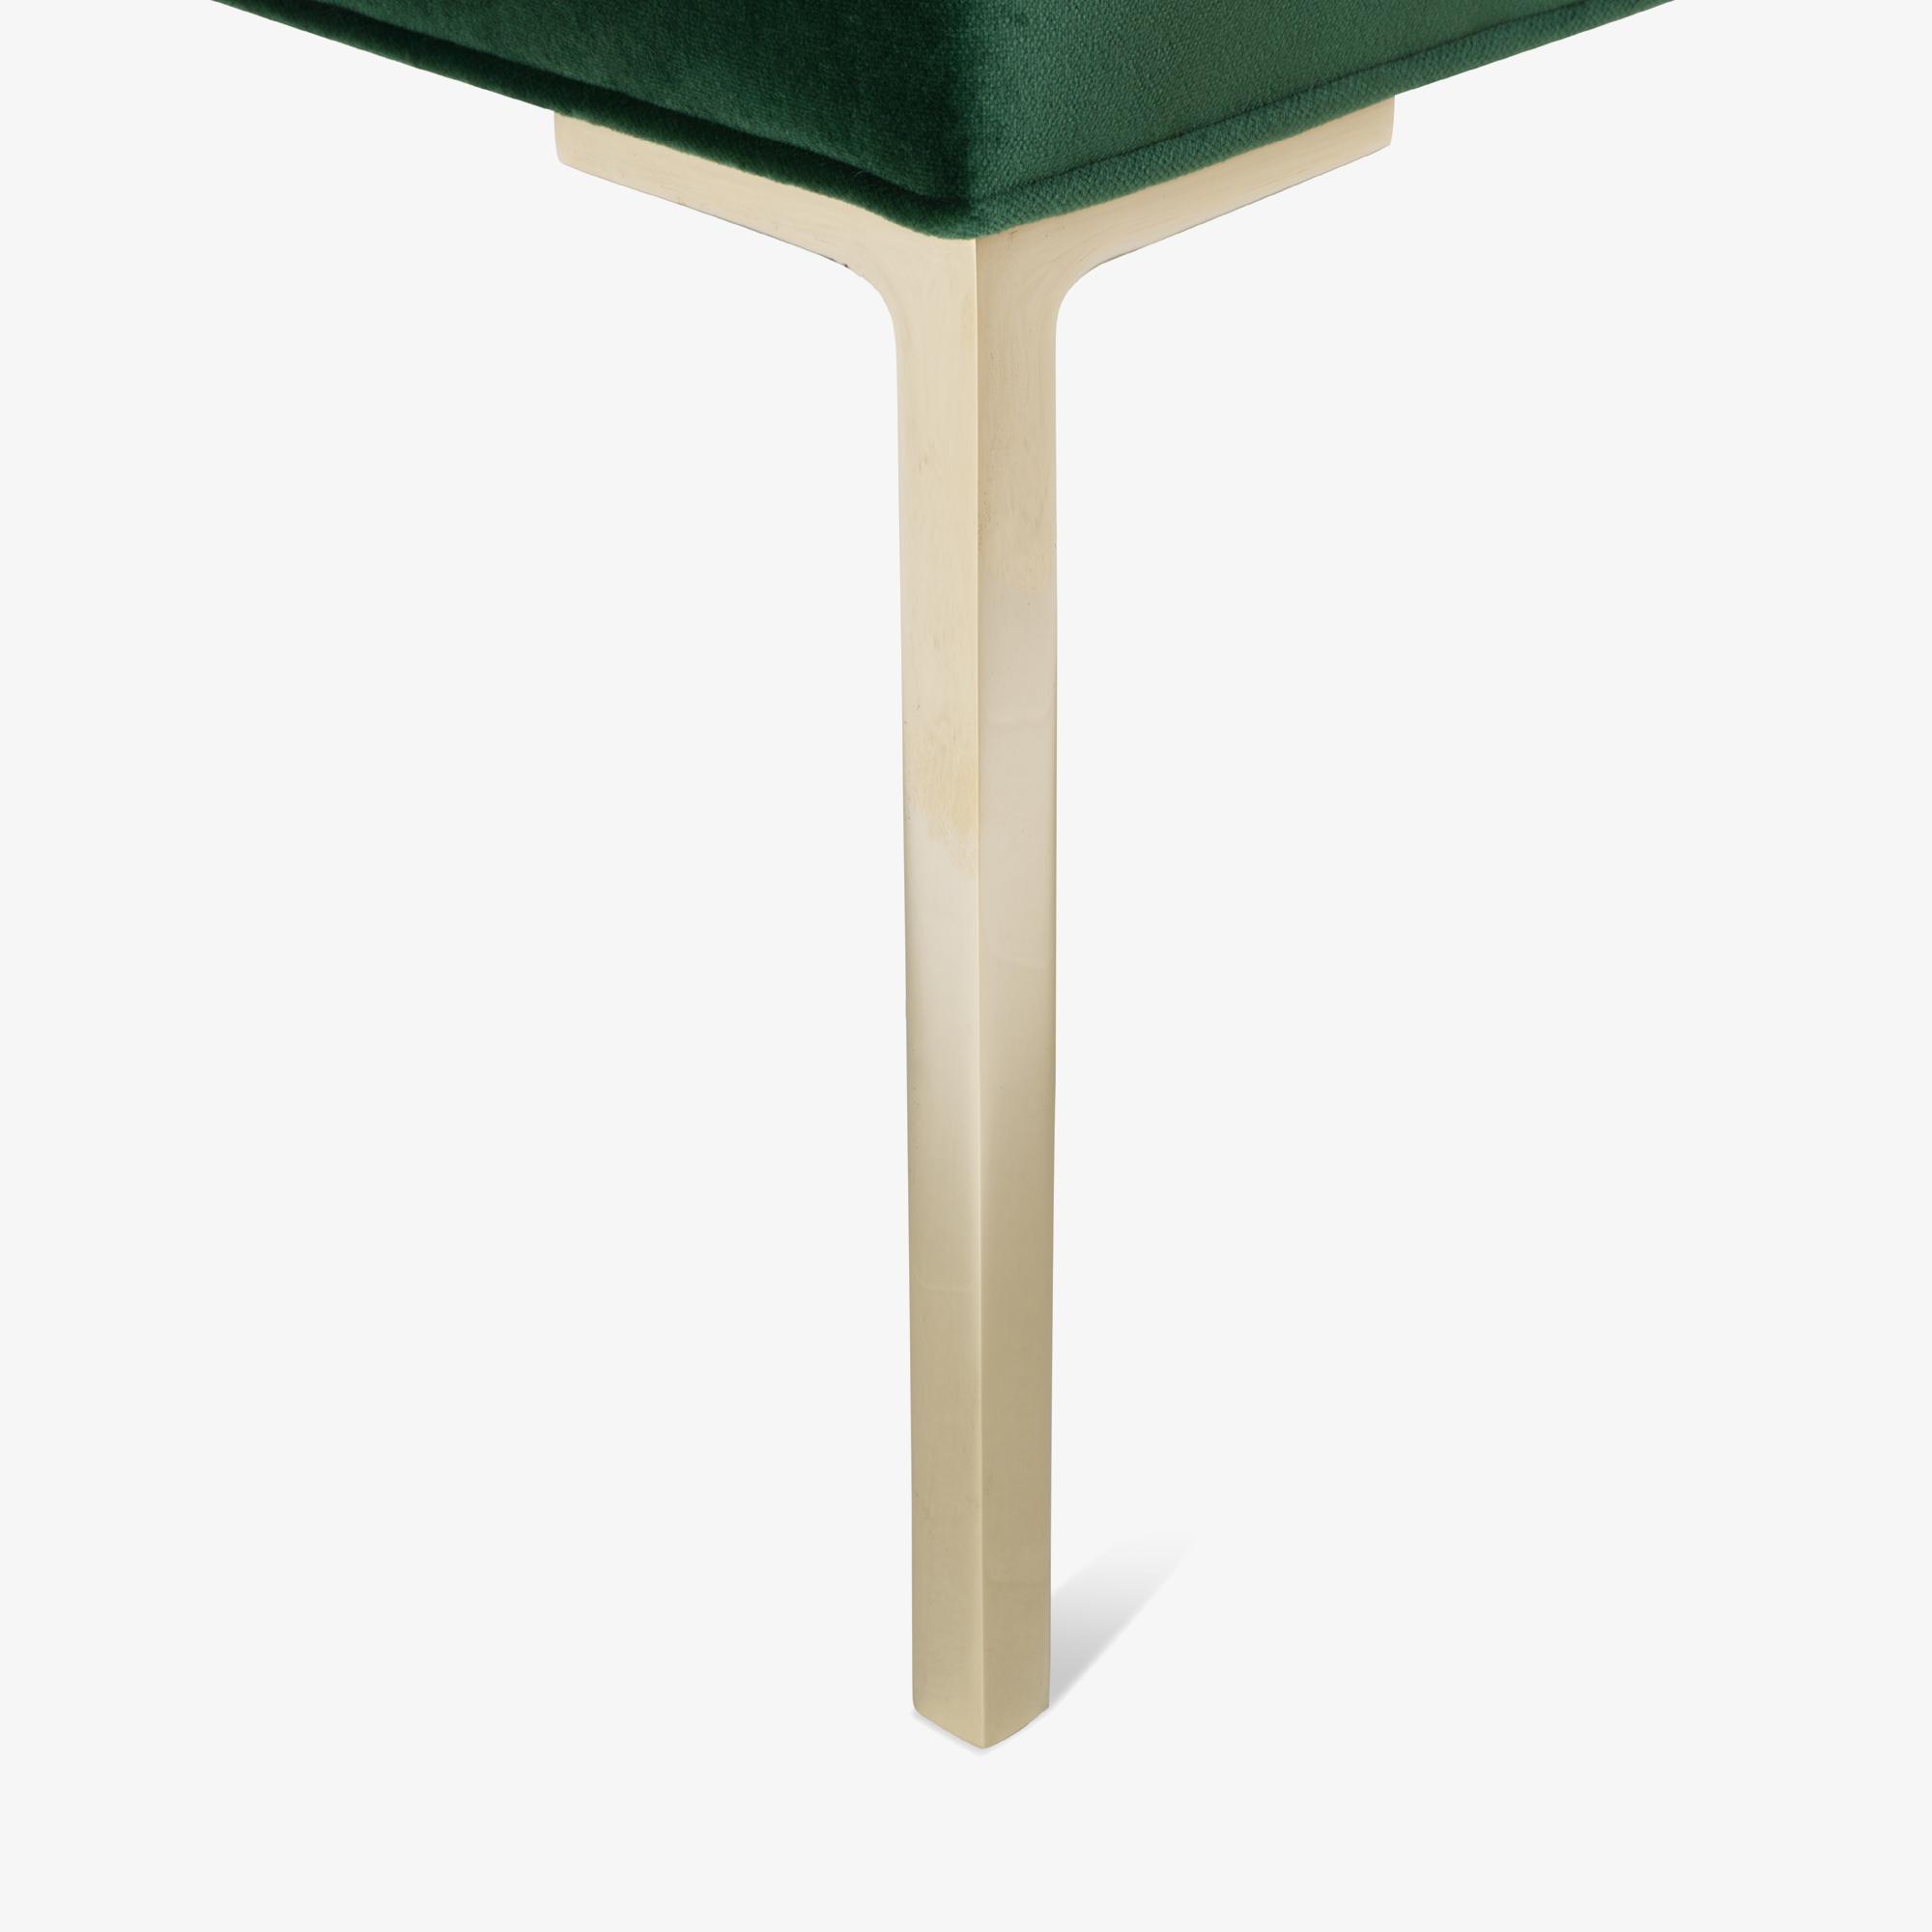 Astor Square Brass Ottoman in Emerald Velvet7.png